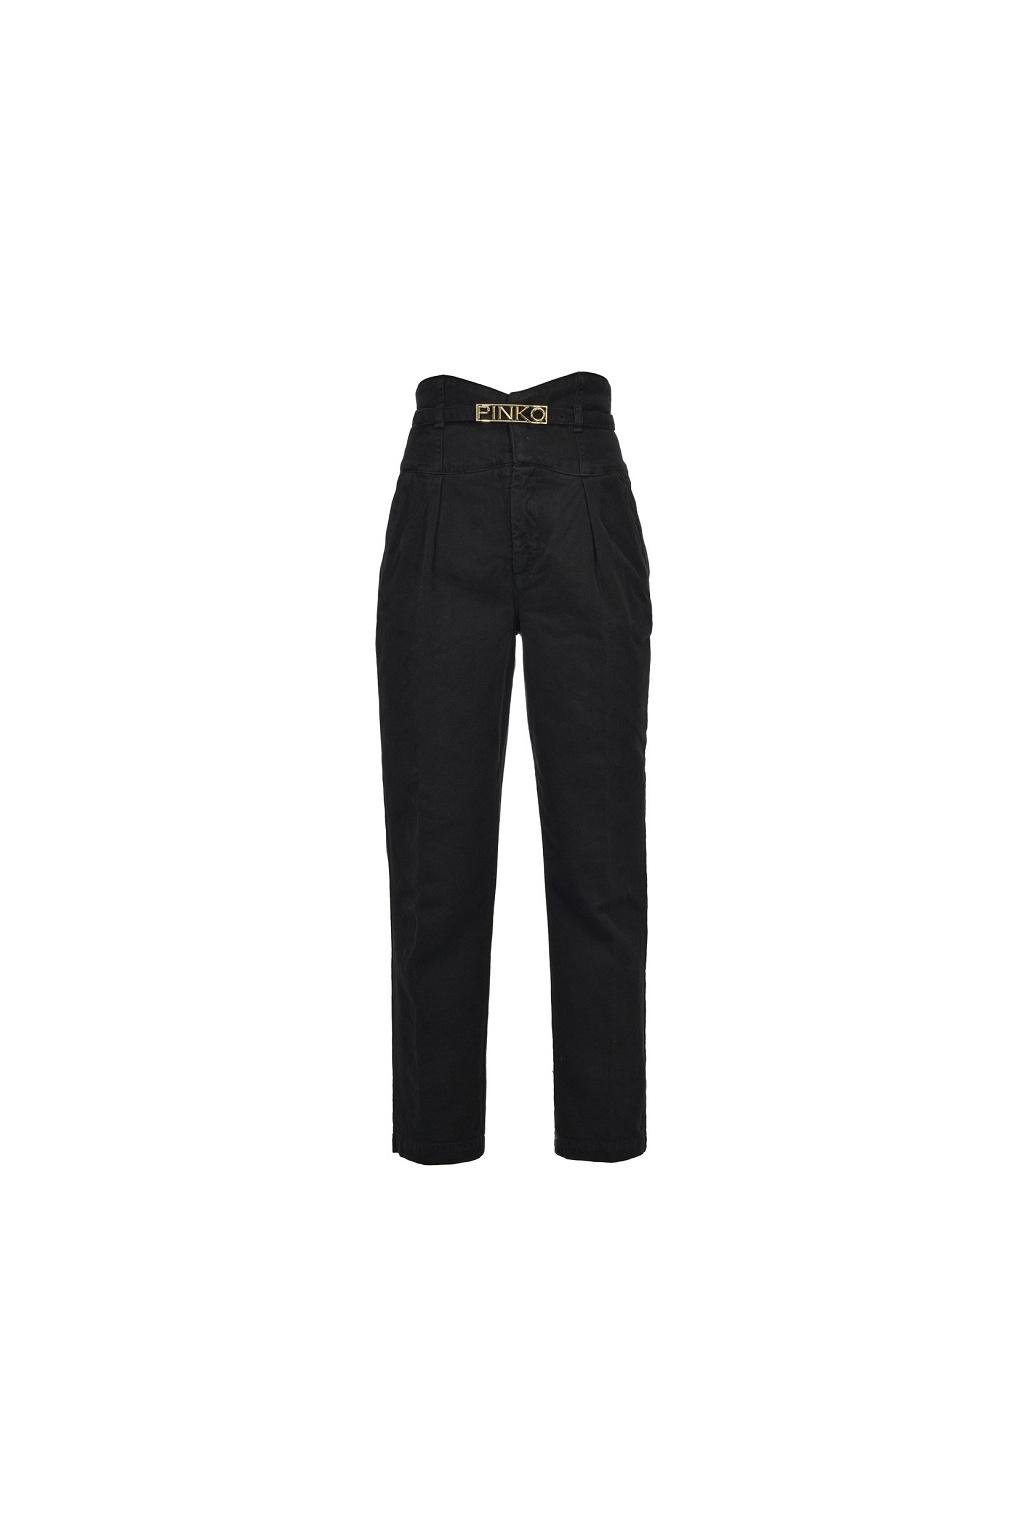 1J10J9Y6FH Z99 Dámské kalhoty Pinko Ariel 5 Bustier PJ340B černé